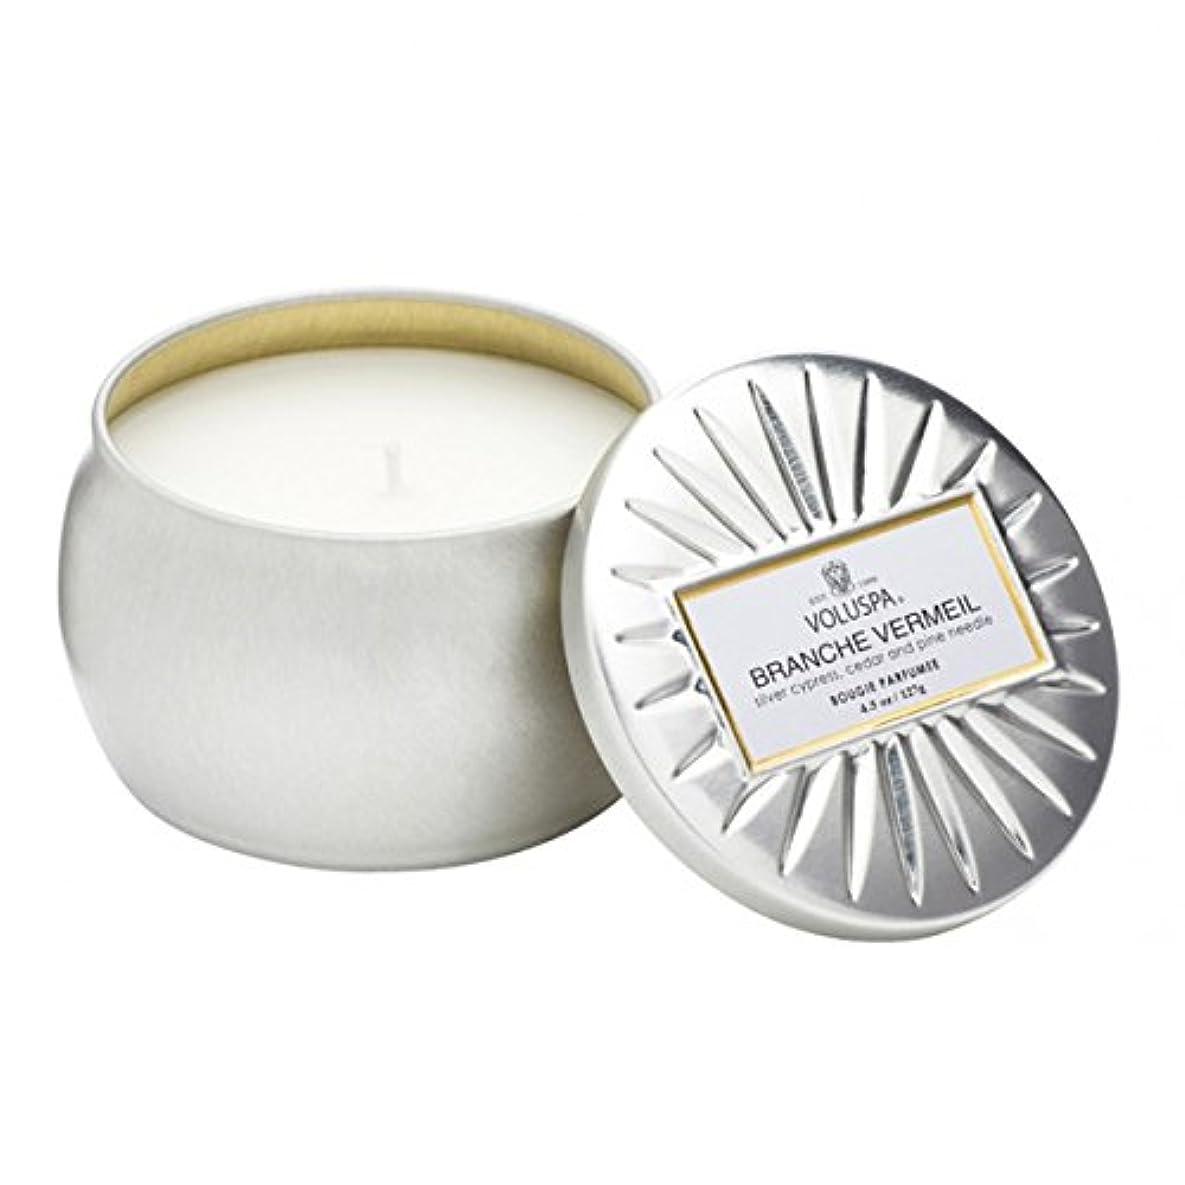 先駆者独裁縁Voluspa ボルスパ ヴァーメイル ティンキャンドル  S フ?ランチヴァーメイル BRANCHE VERMEIL VERMEIL PETITE Tin Glass Candle